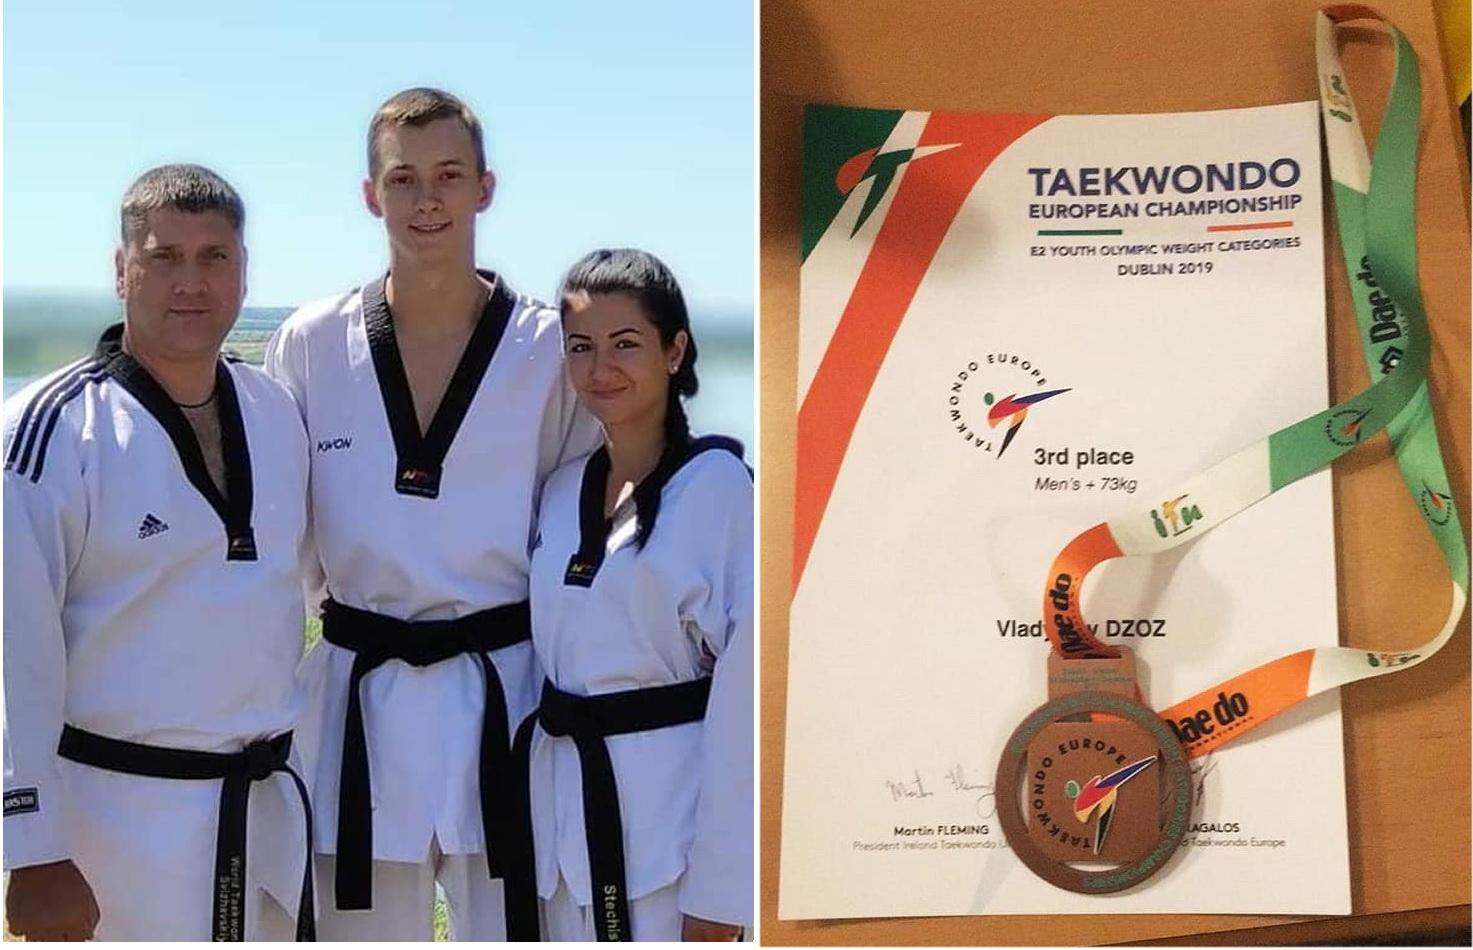 Каменчанин стал бронзовым призером чемпионата Европы по олимпийскому тхэквондо